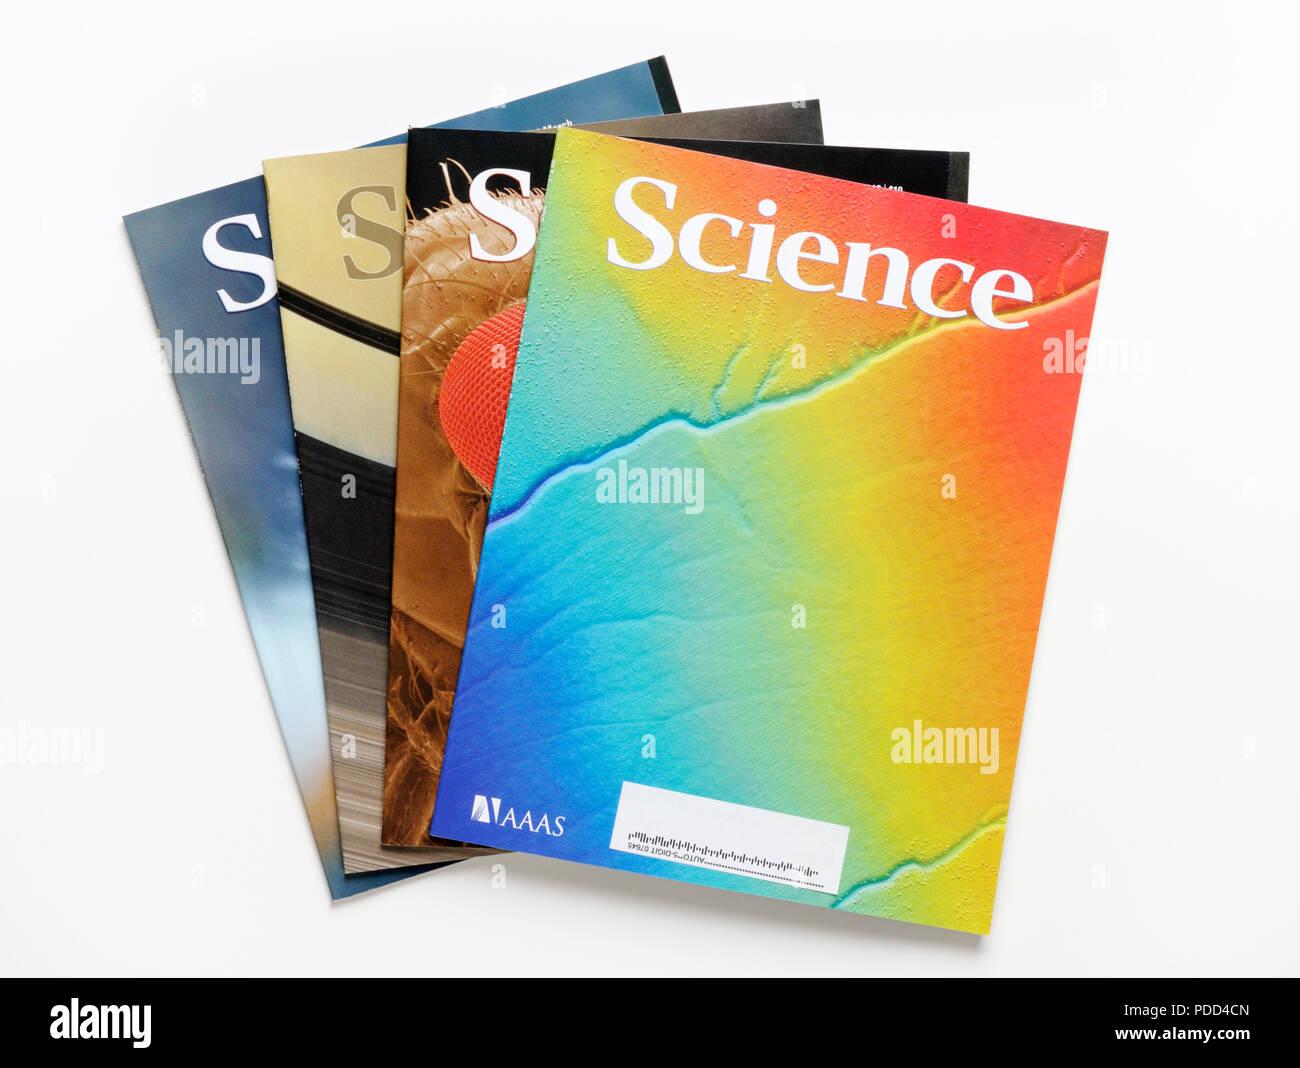 La ciencia revistas de investigación revisados por pares. Esta revista, ciencia, es publicado por la Asociación Americana para el avance de la Ciencia (AAAS). Imagen De Stock